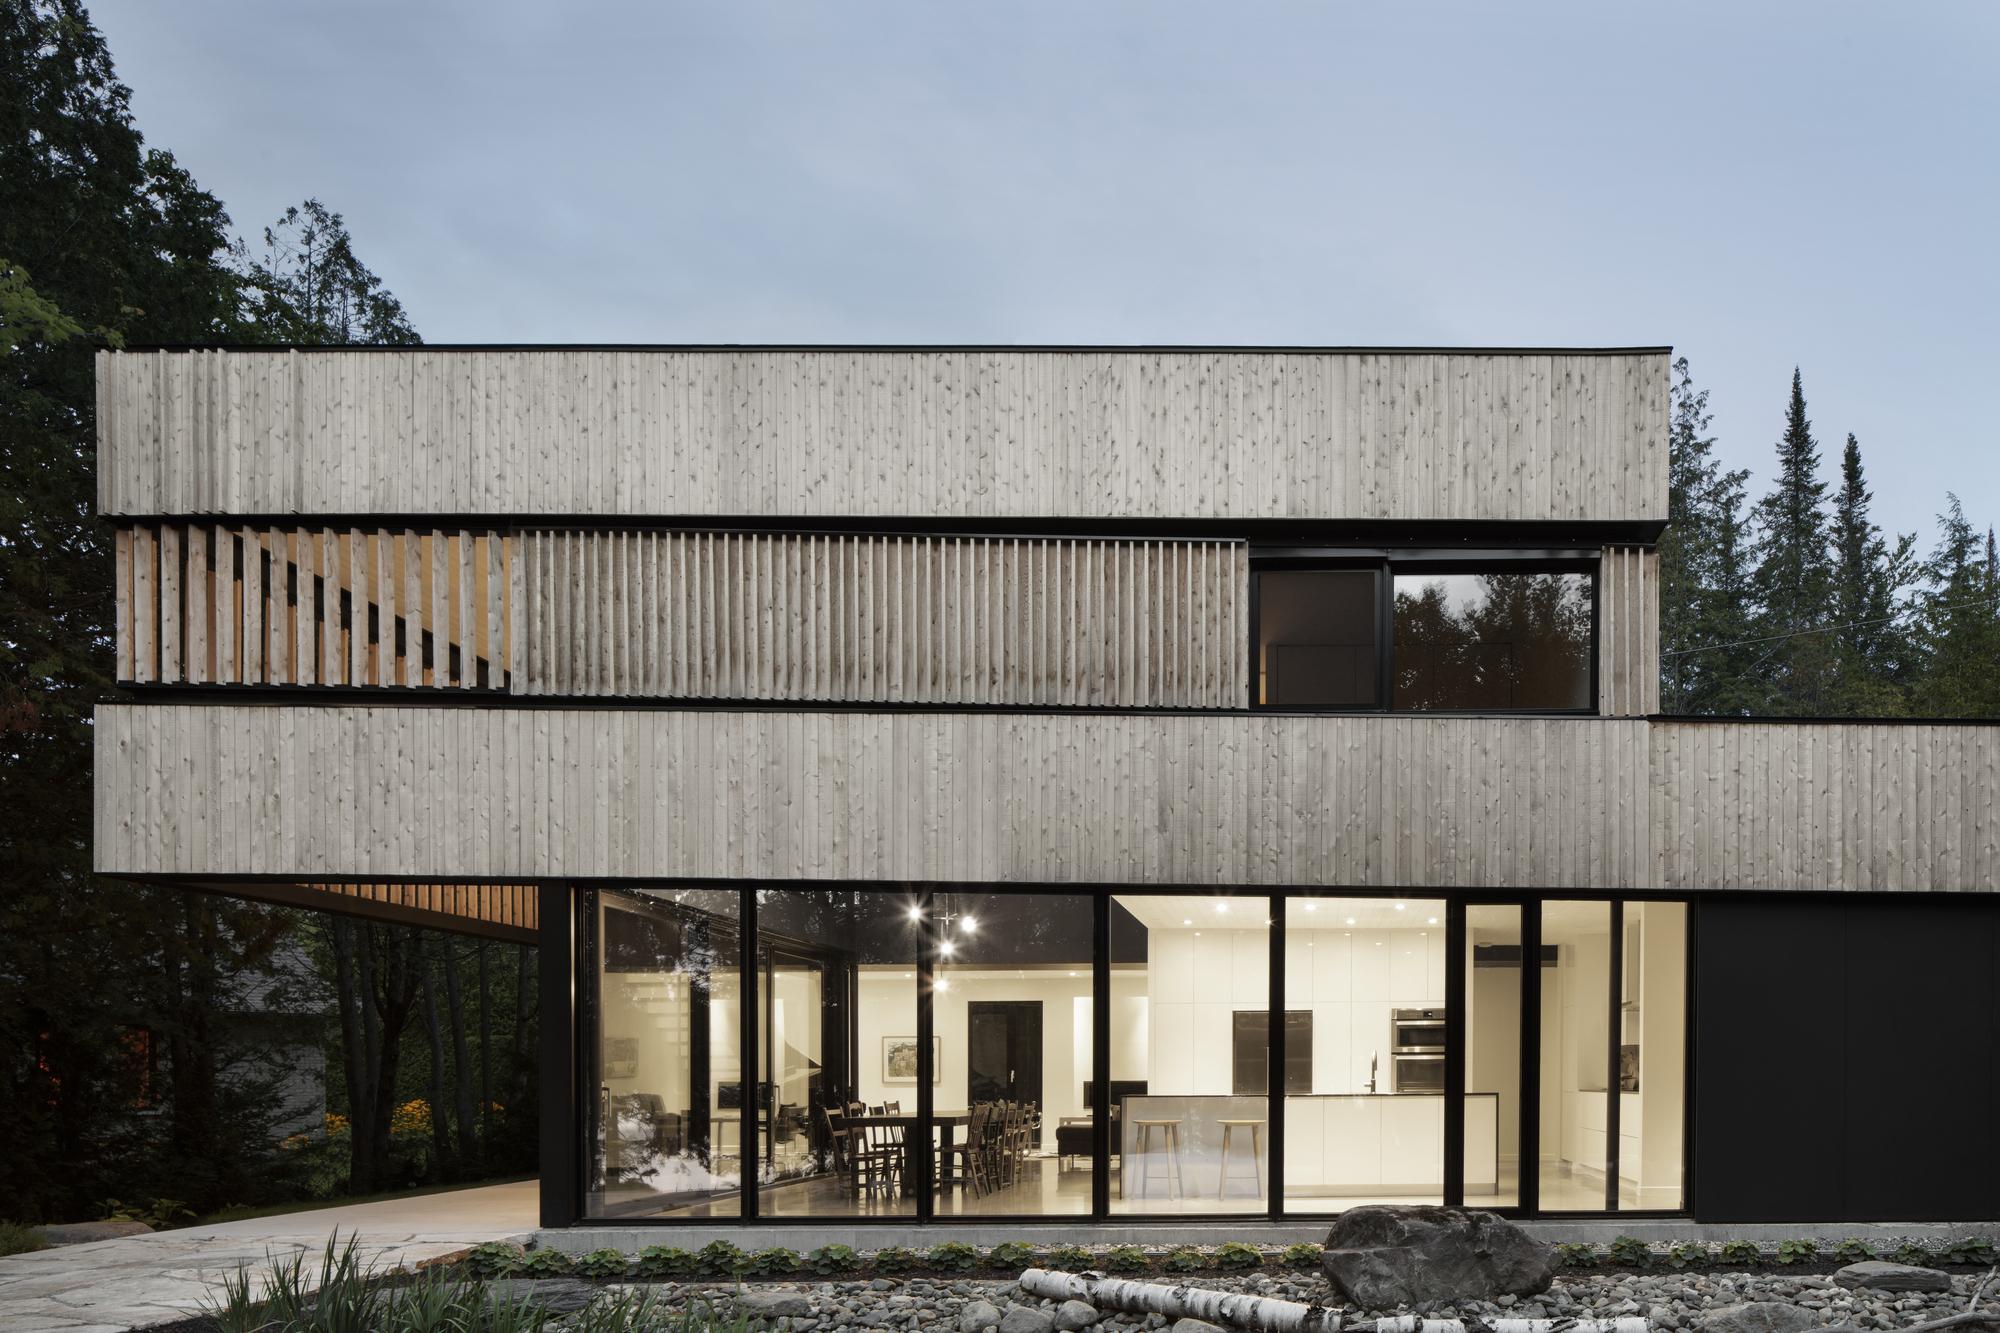 Gallery of maison sur le lac acdf architecture 15 - Maison wooden concrete nestor sandbank ...